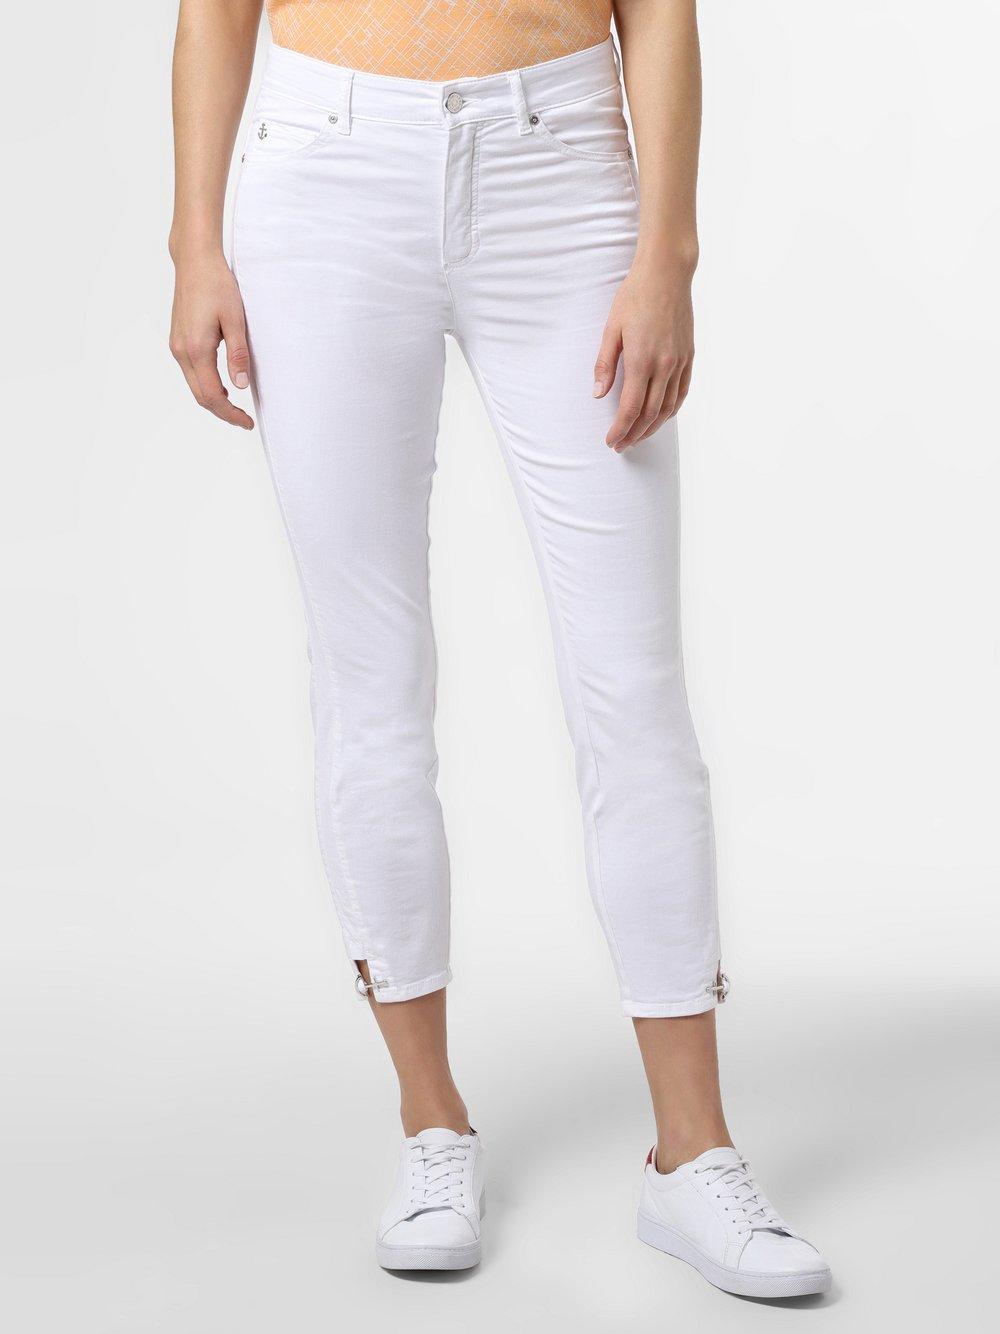 Rosner - Spodnie damskie – Audrey2, biały